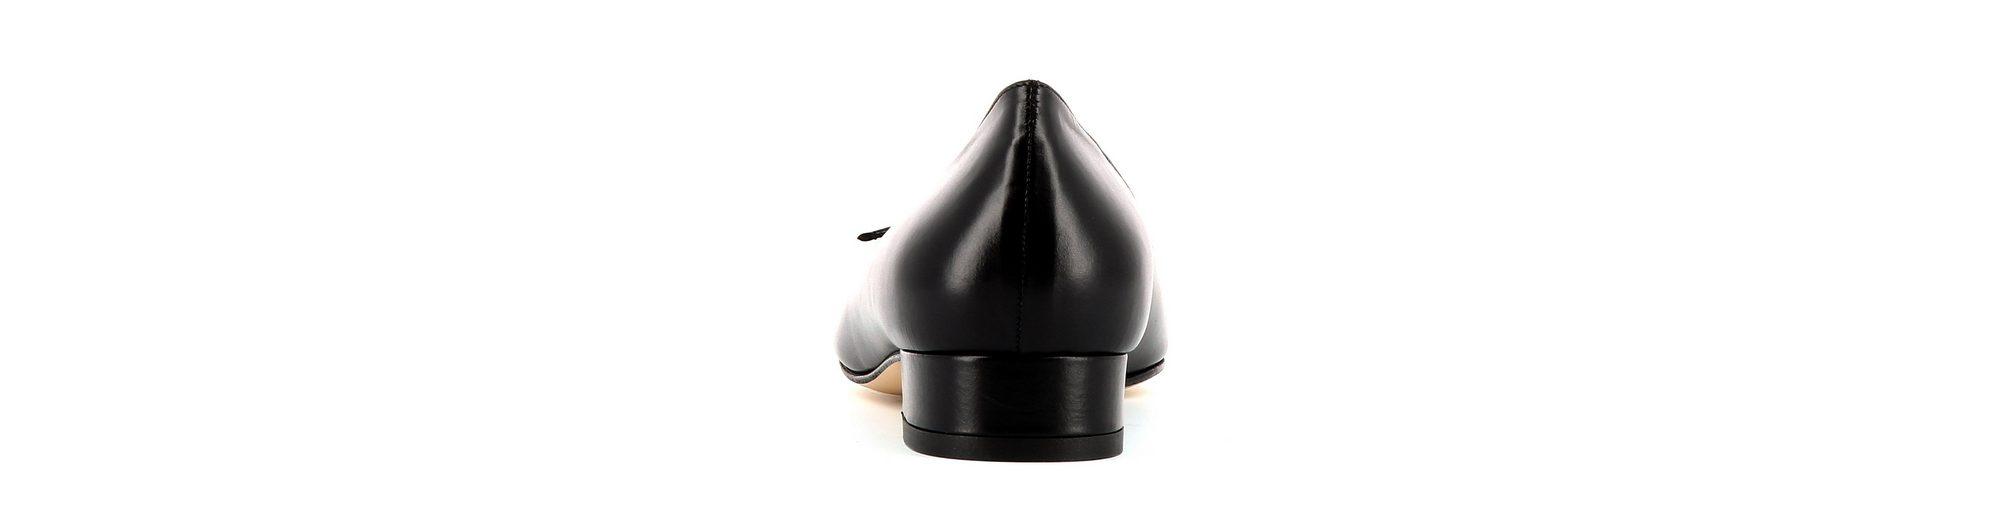 Freies Verschiffen Große Überraschung Billig Verkauf Footaction Evita FRANCA Pumps Große Auswahl An Günstigem Preis Verkauf Große Überraschung XhRuUNS